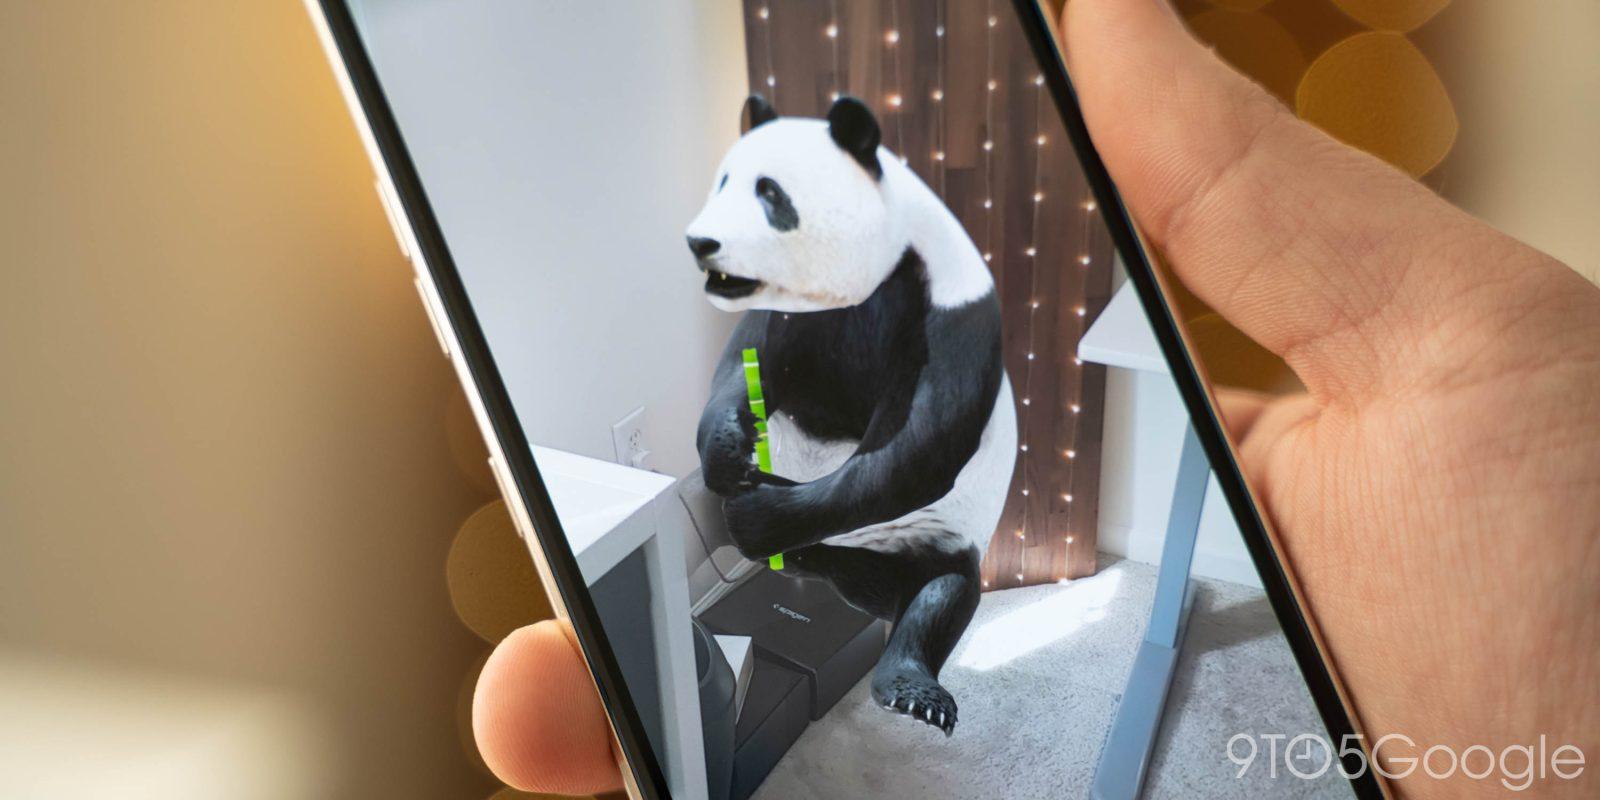 Hướng dẫn cách chụp hình thú 3D ngay trong nhà cùng Google 3D Android 2